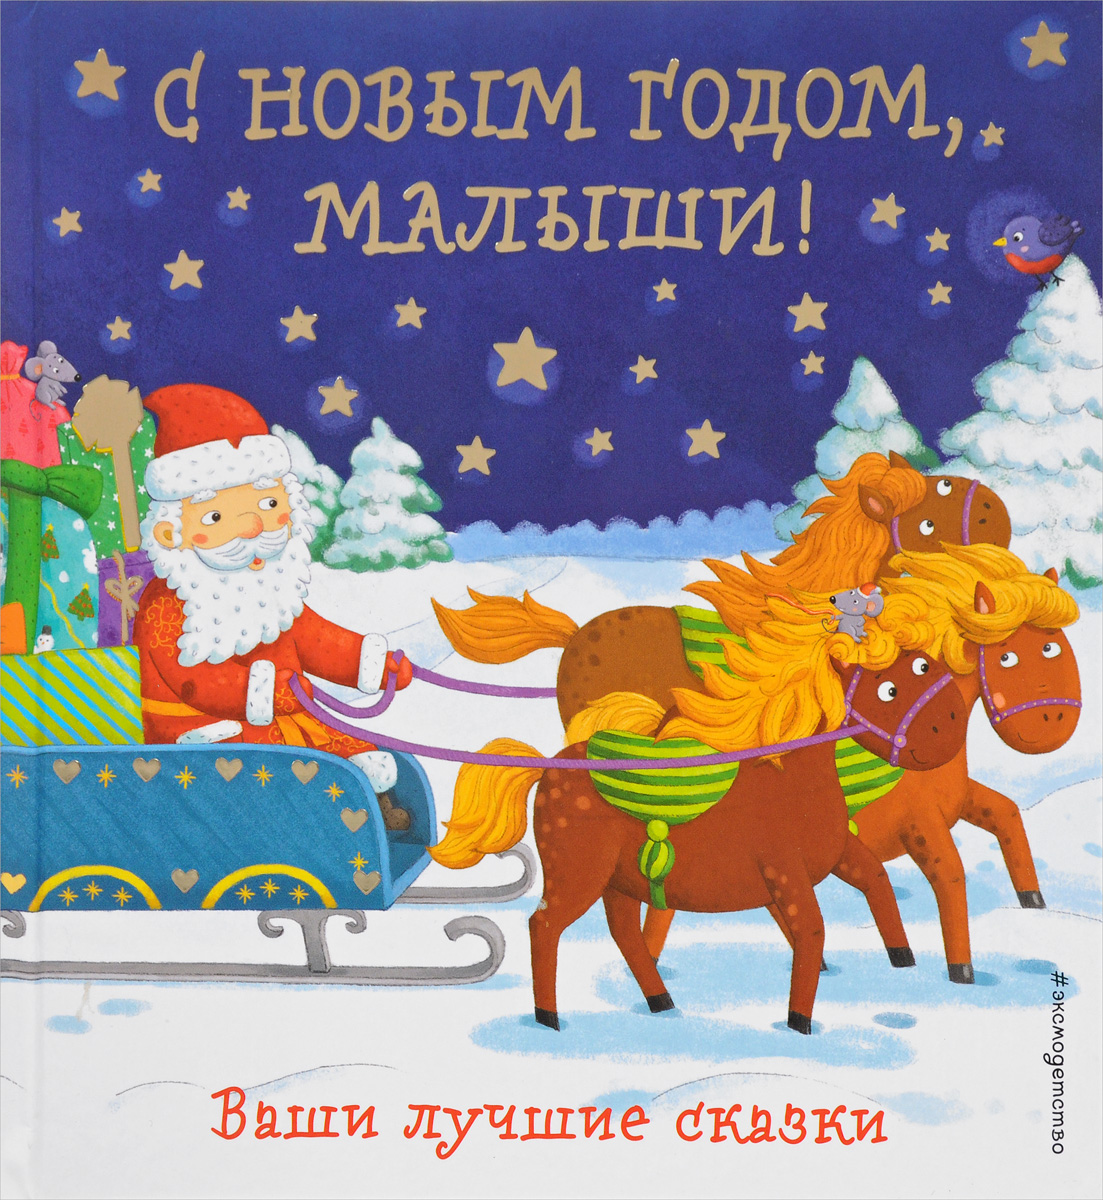 Поздравление с новым годом малышам